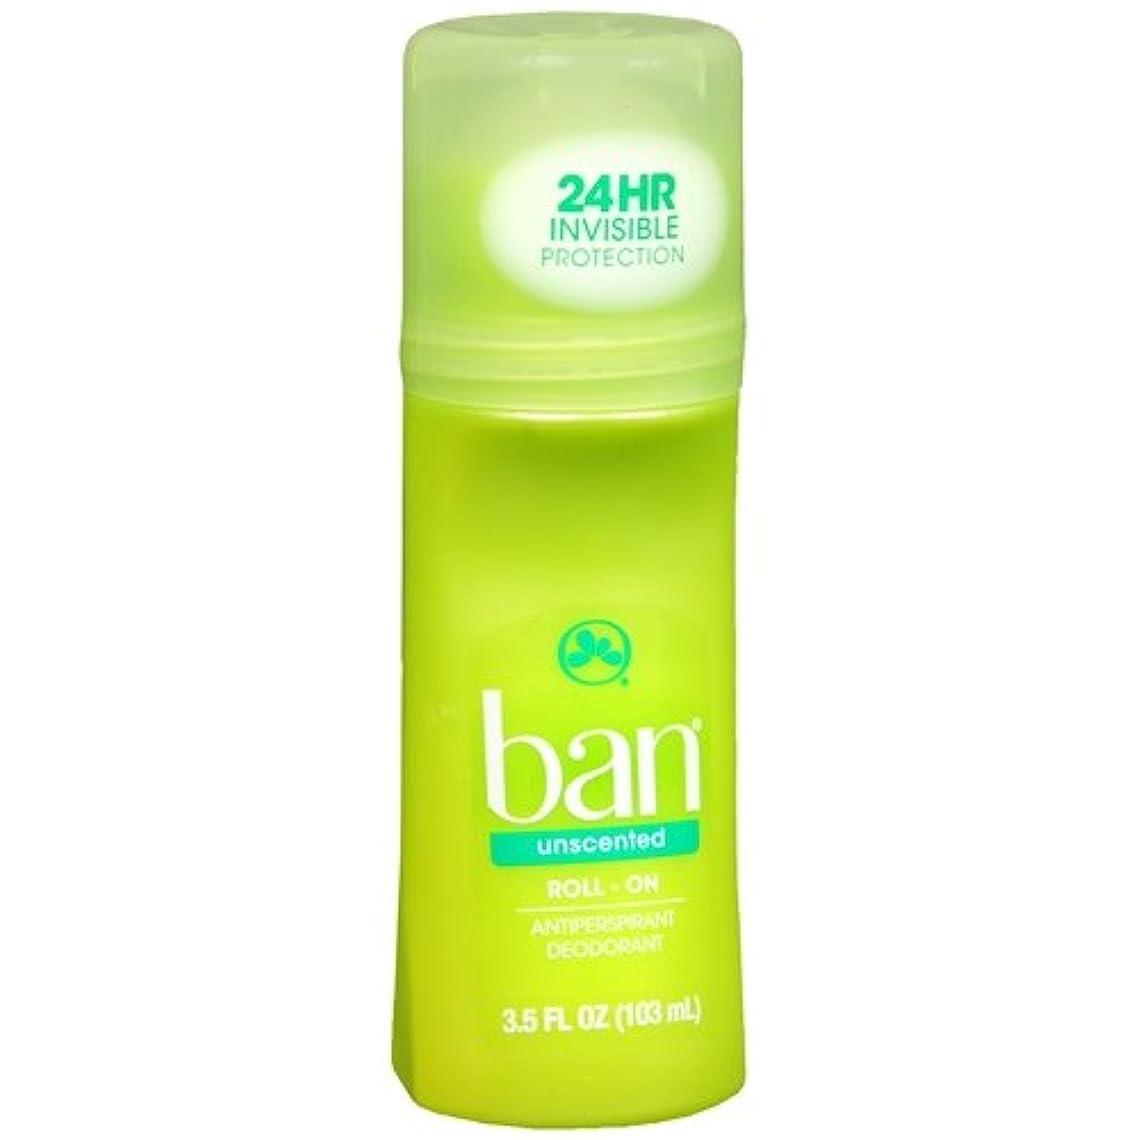 活気づくのため機動海外直送品 【2個セット】Ban Roll-On Unscented Antiperspirant & Deodorant - 3.5 fl oz (103 ml) 無香タイプ